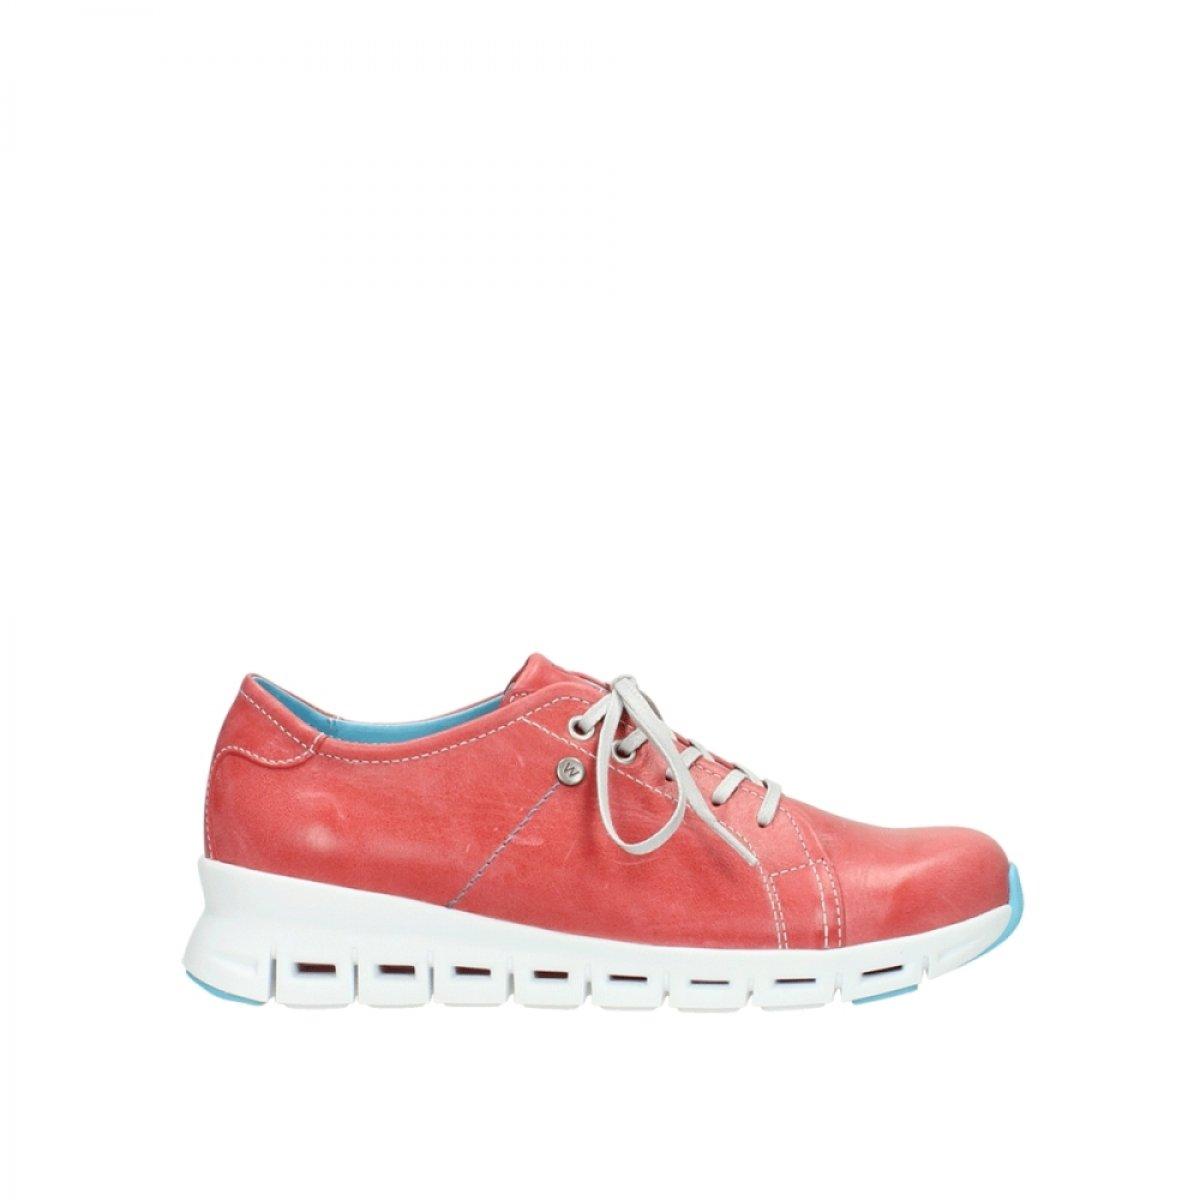 Wolky 2051357 - Zapatos de cordones para mujer 39 EU|Rojo